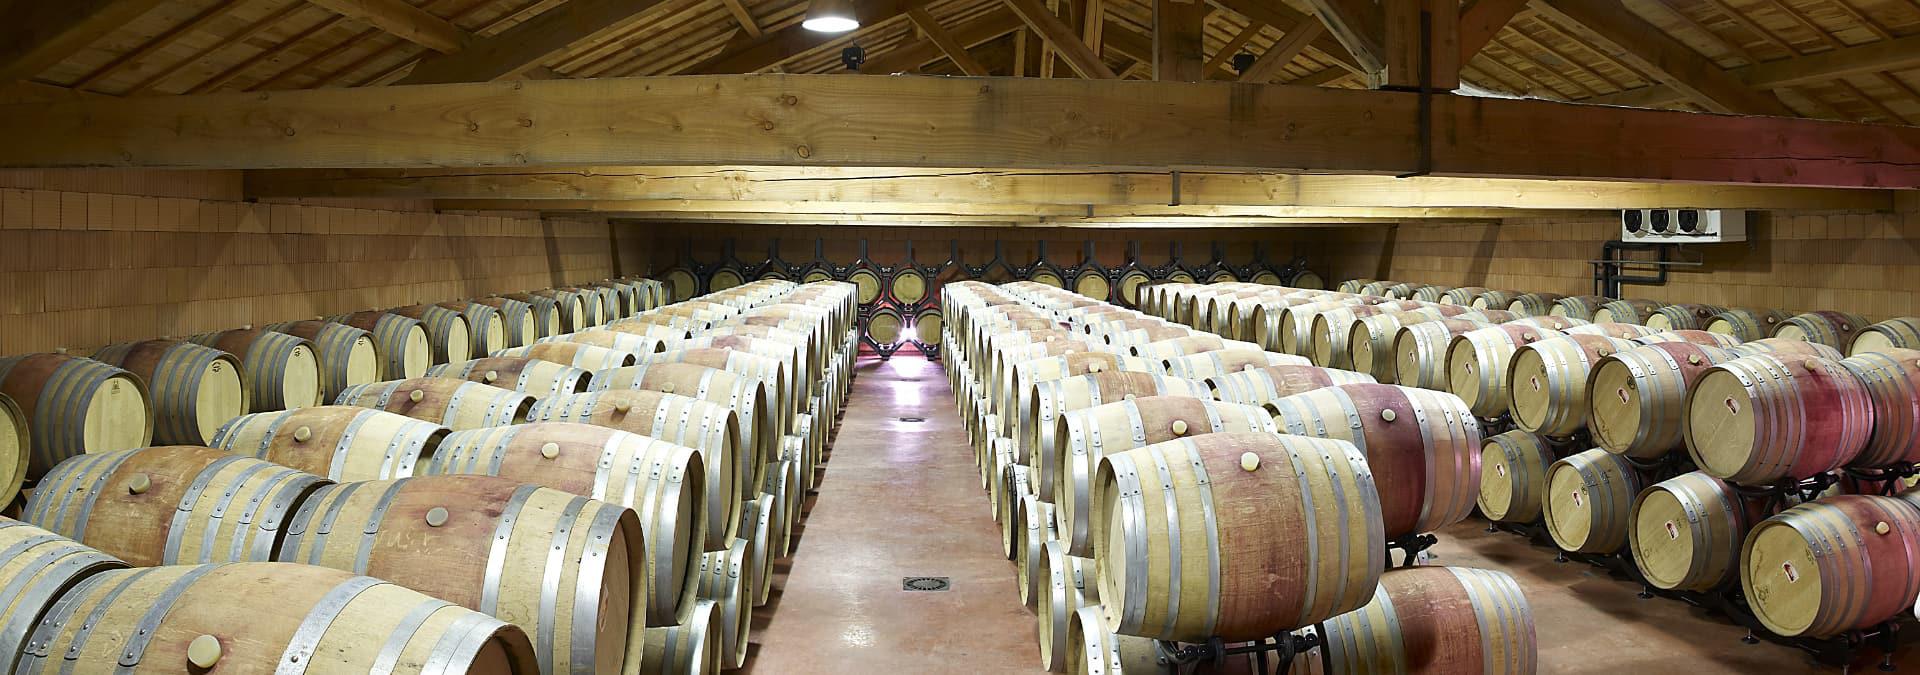 Domaine Pierre Gaillard, Domaine Pierre Gaillard malleval, dégustation vins Pierre Gaillard, visite domaine Pierre Gaillard, Pierre Gaillard rhone